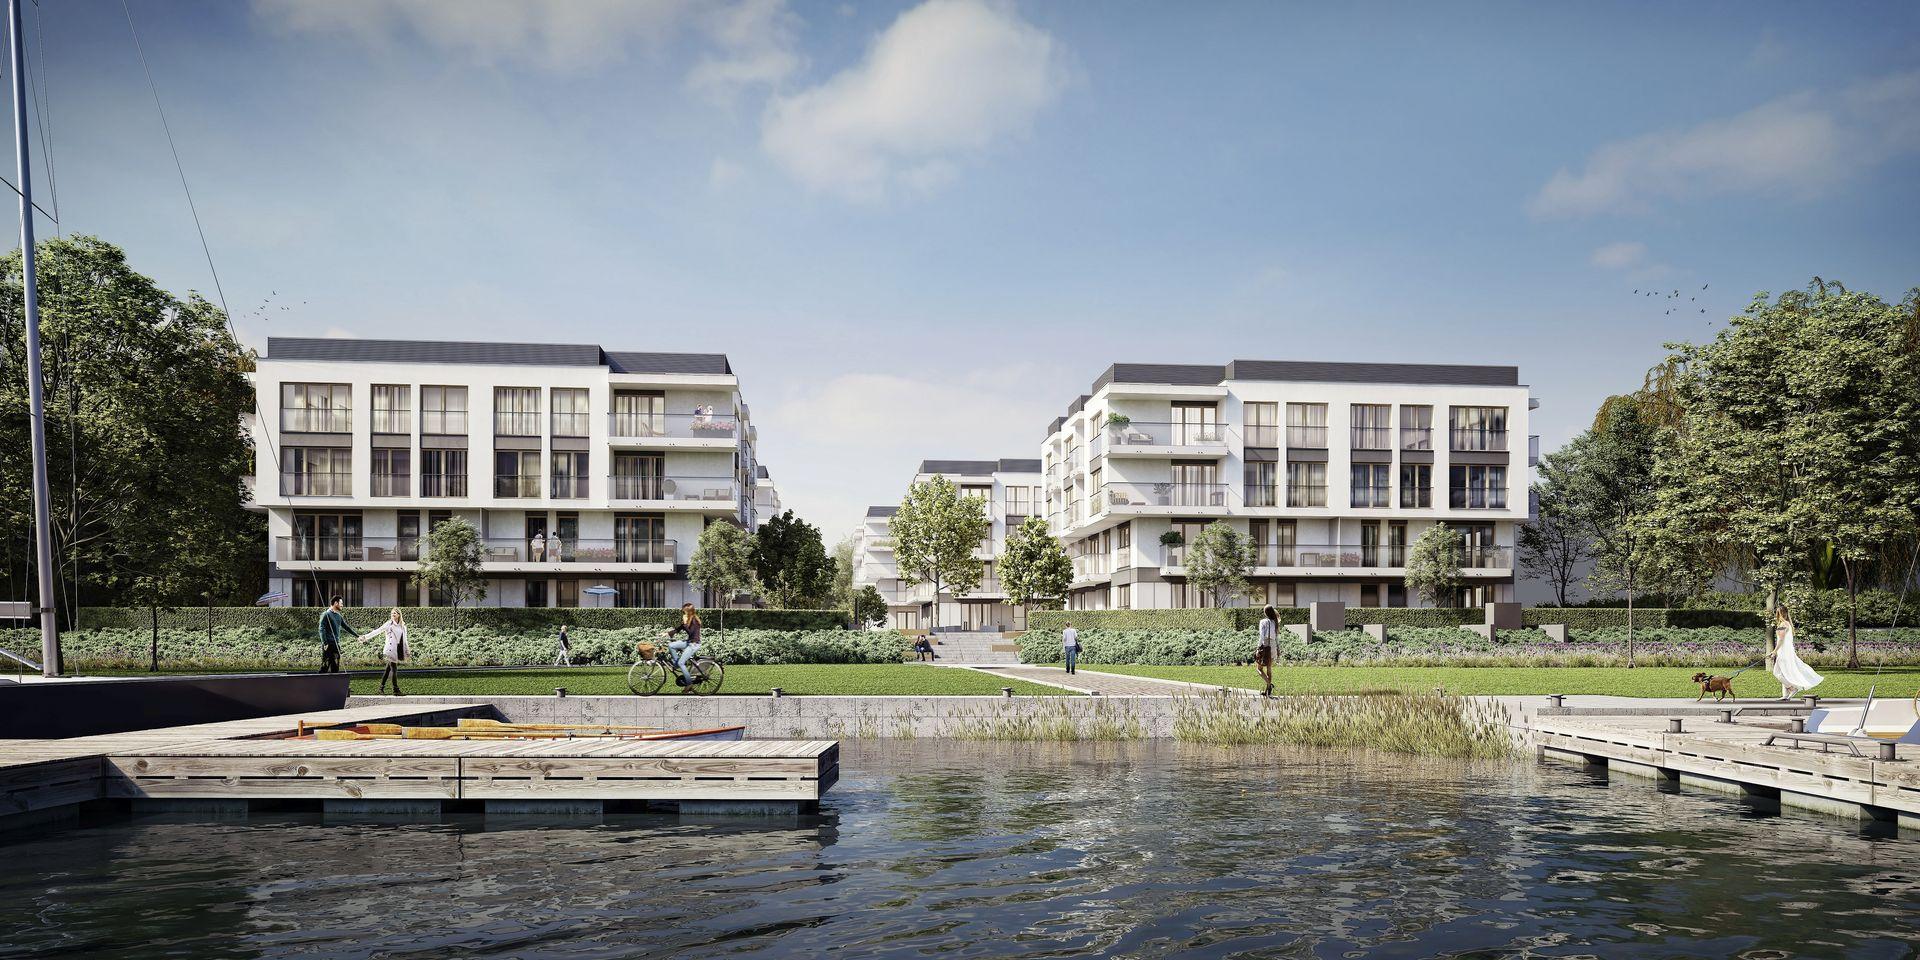 Wrocław: Ruszyła sprzedaż II etapu kompleksu aparthotelowego Miasto Marina